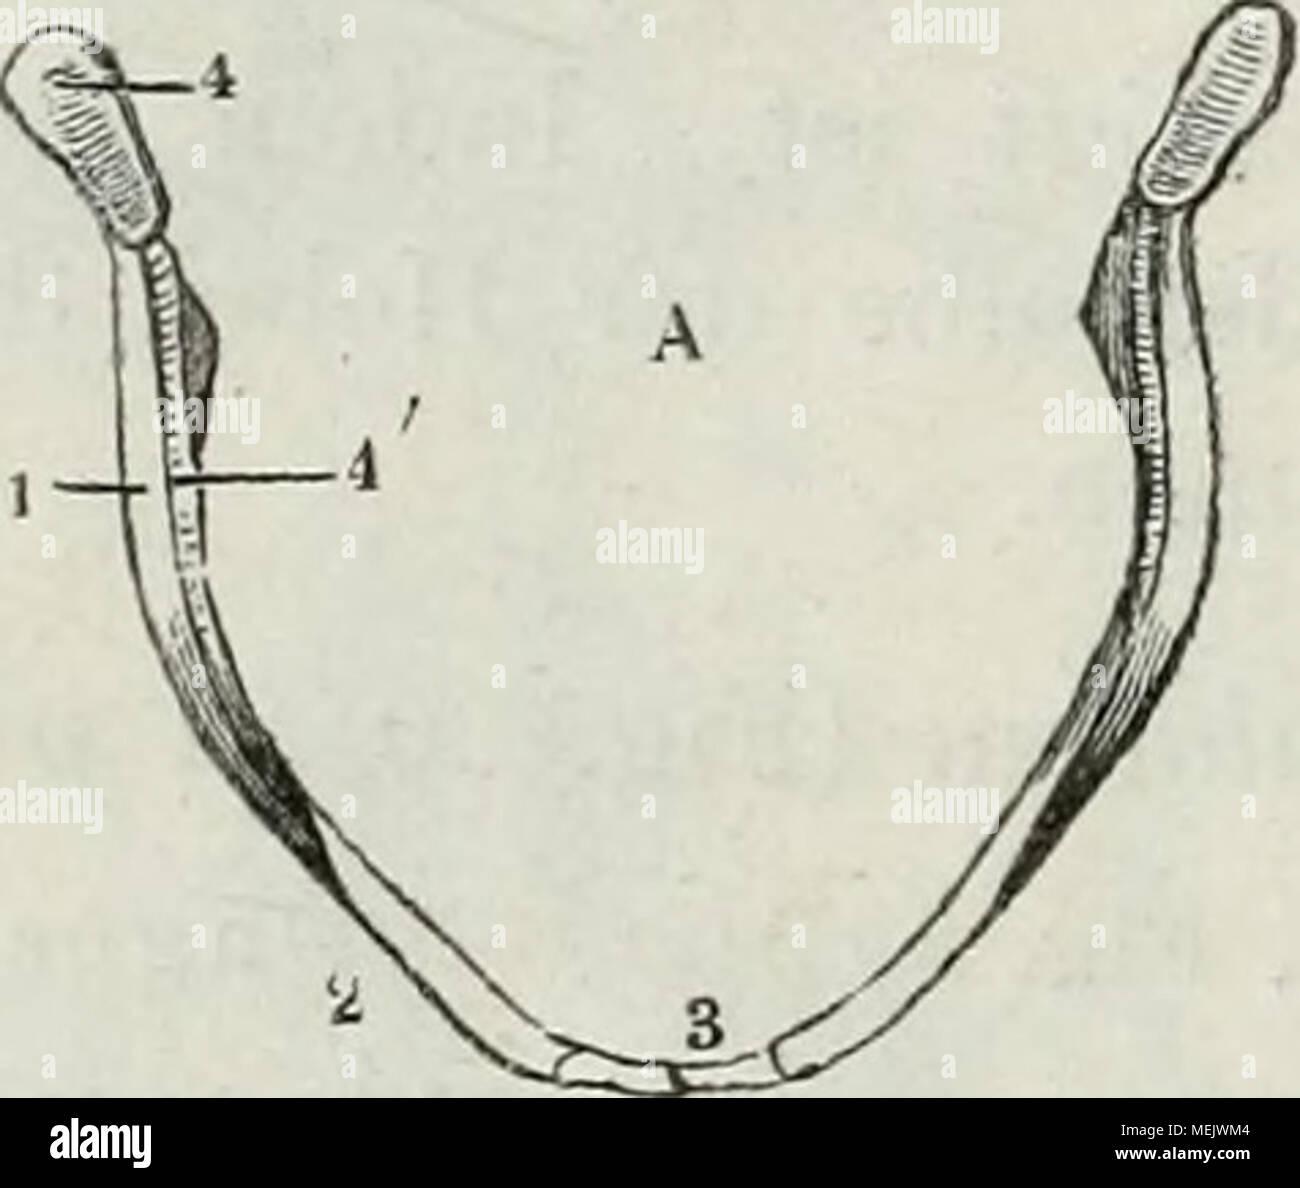 Großartig Anatomie Des Vulkans Fotos - Menschliche Anatomie Bilder ...